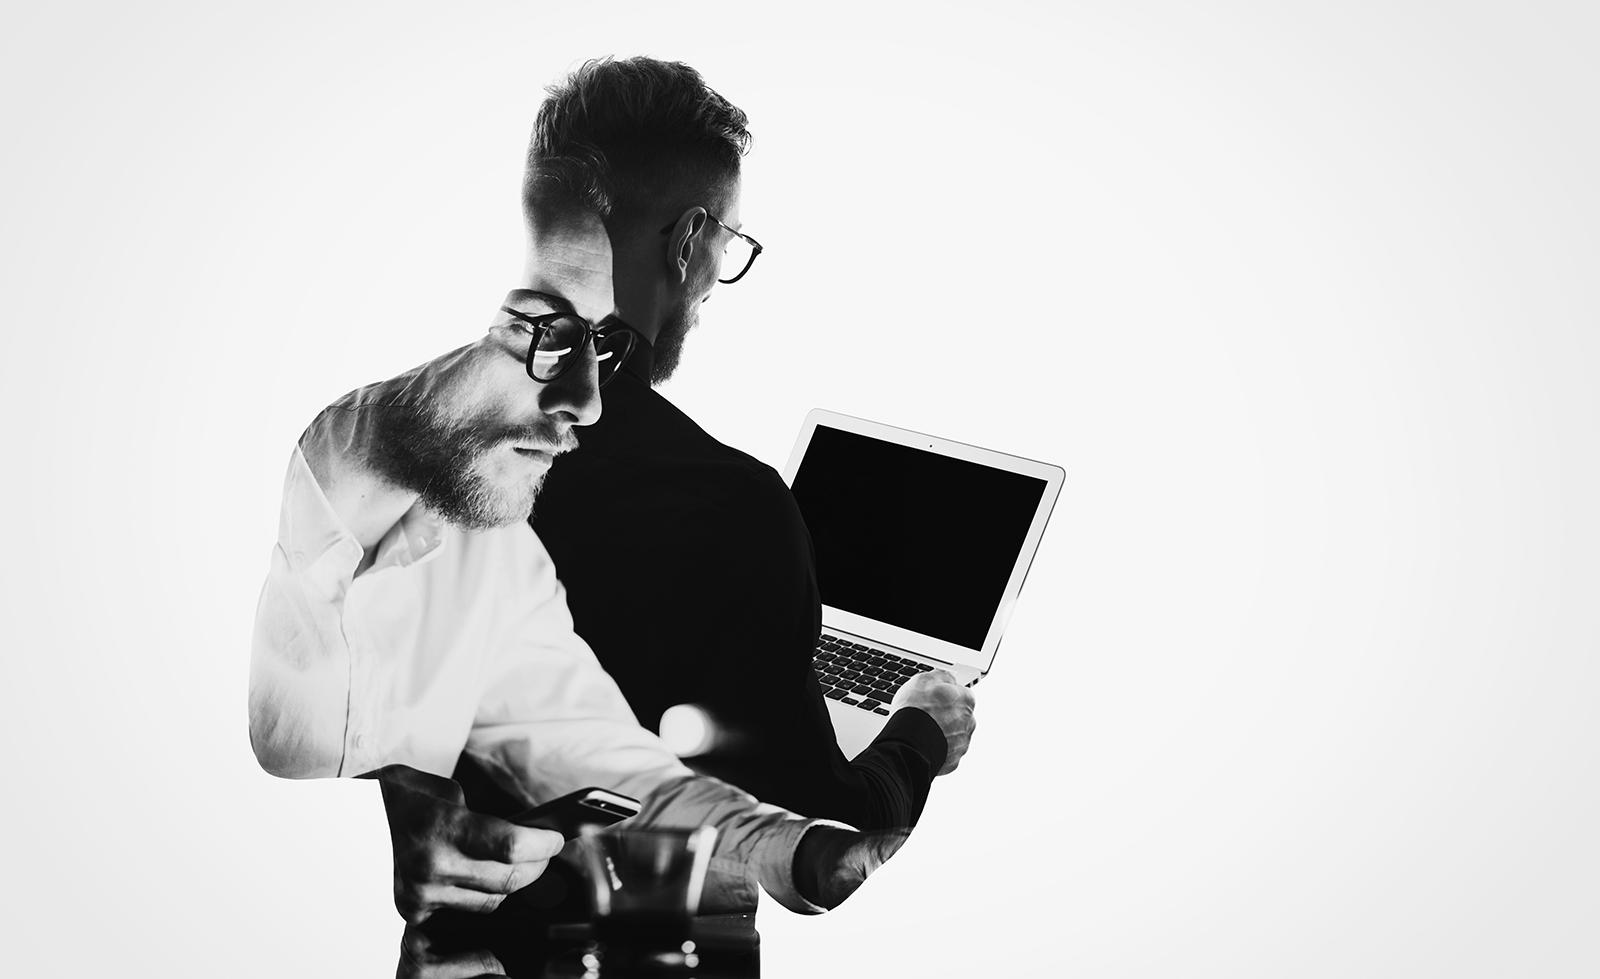 Student der TU Graz bei der Suche an Handy und Laptop Bilder-Collage in Schwarz-weiss